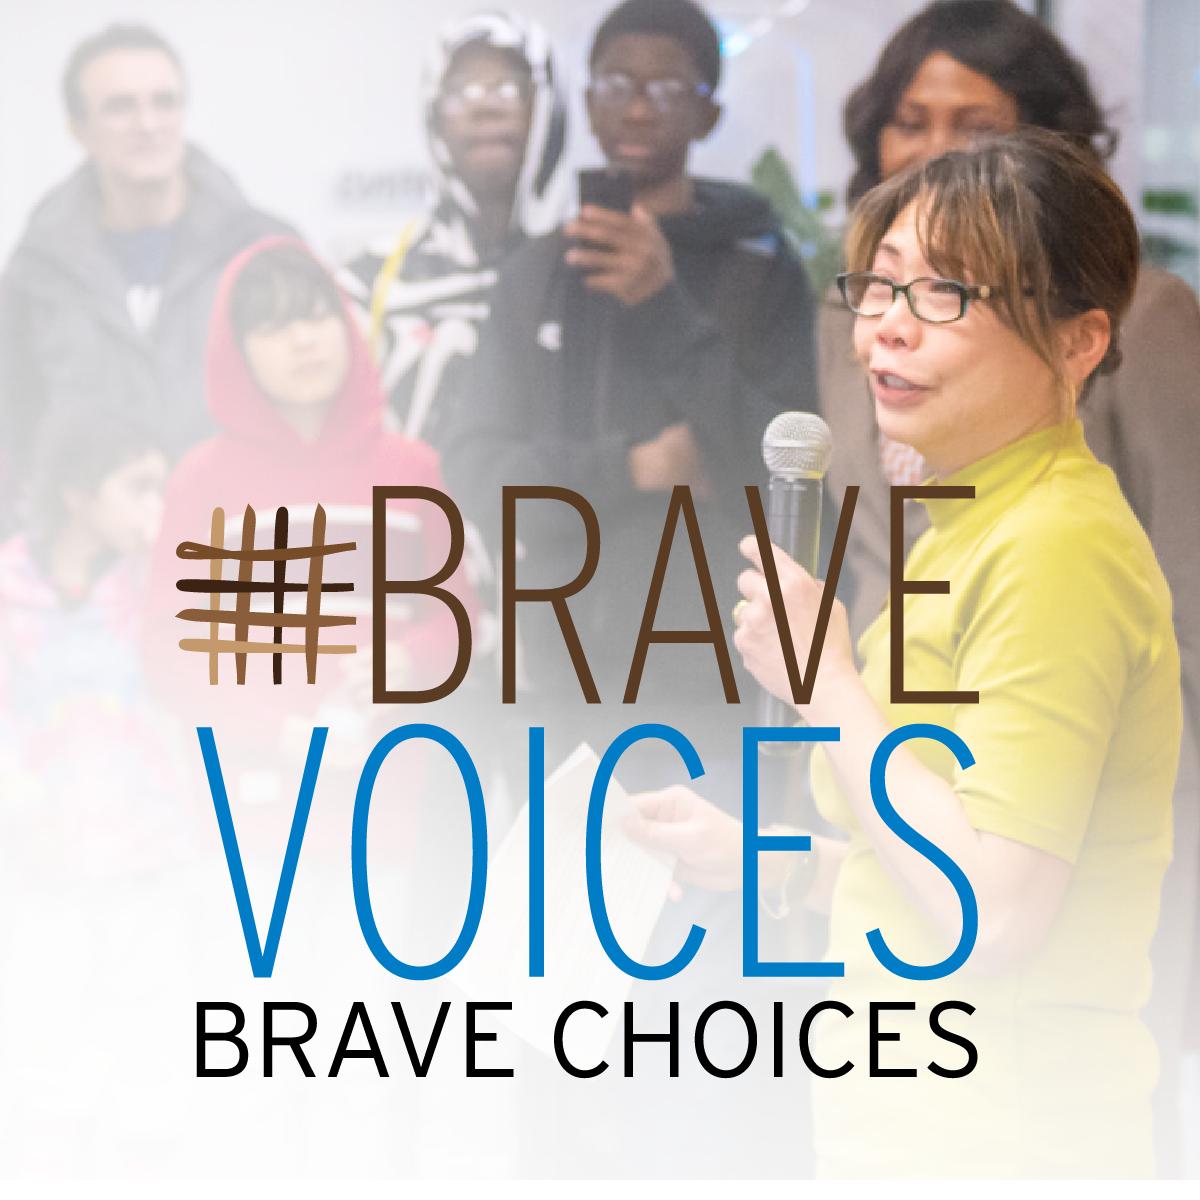 Brave Voices Brave Choices